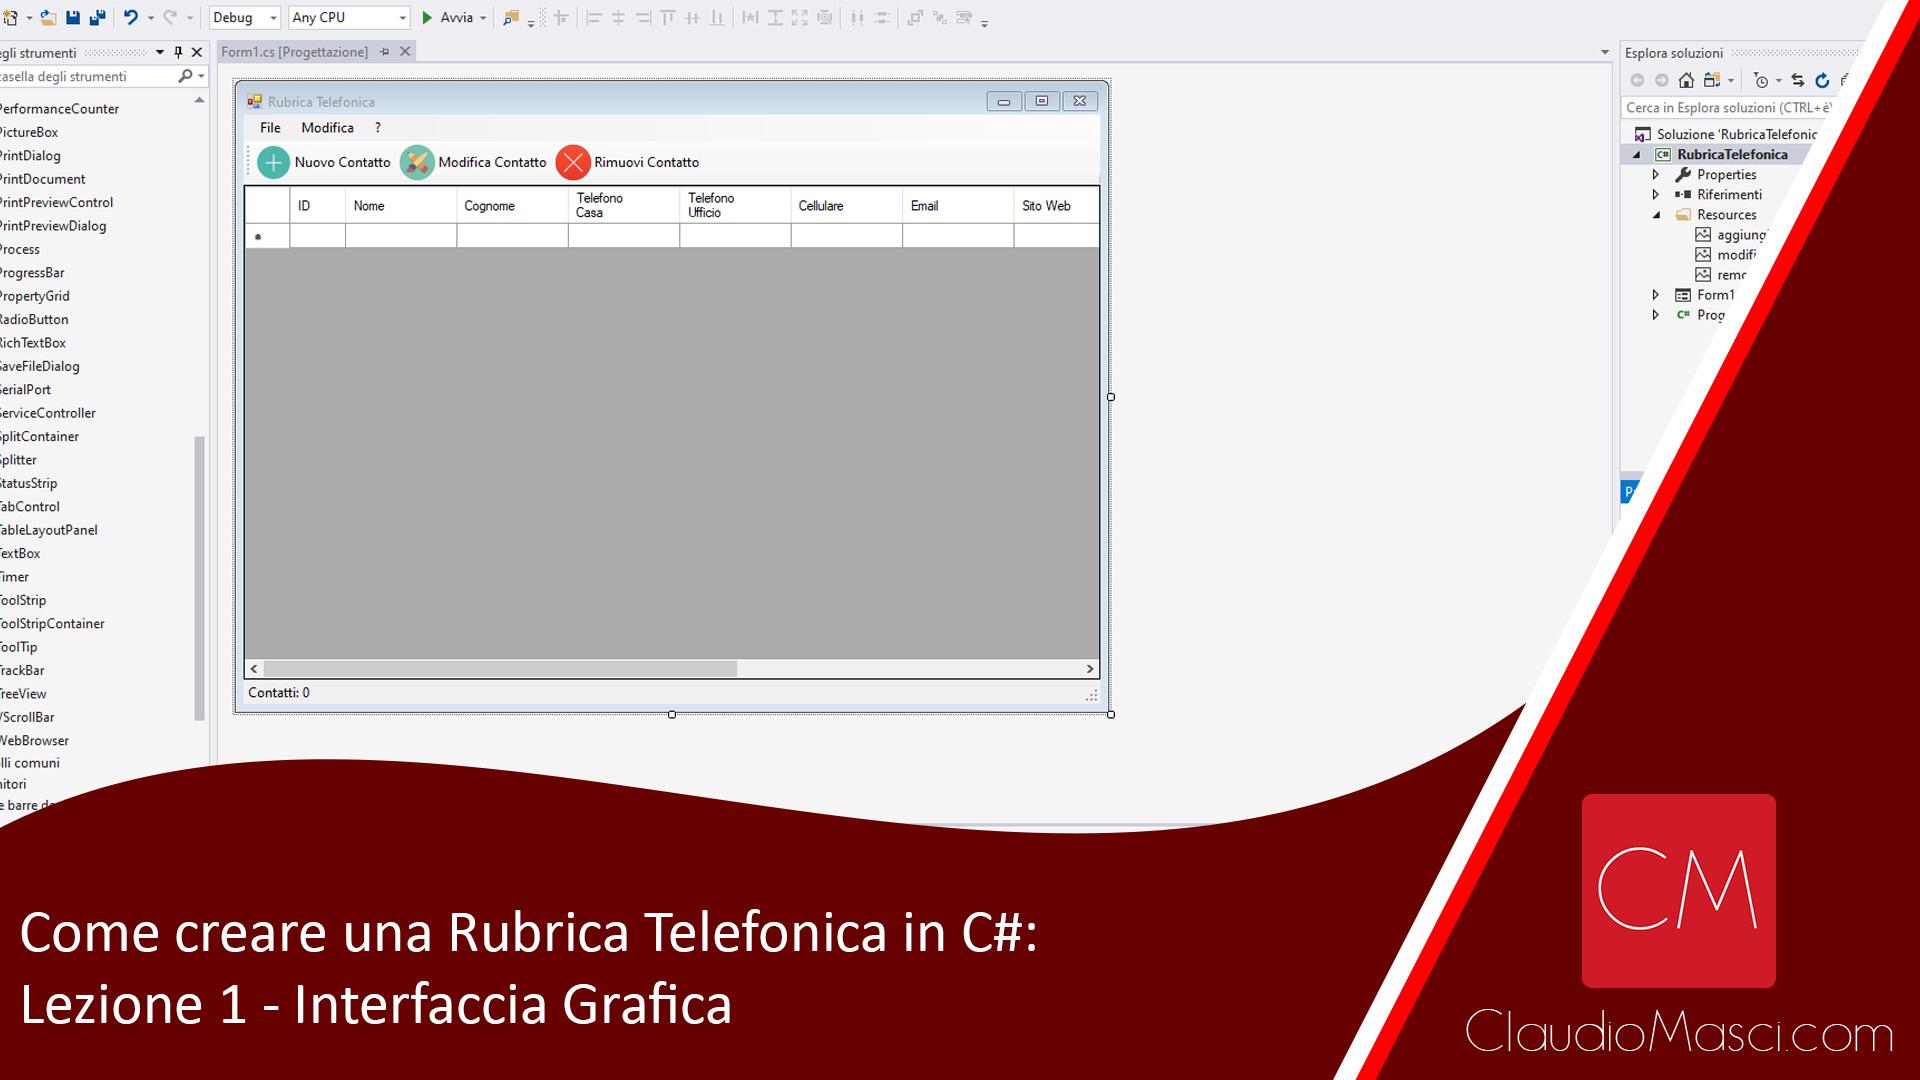 Come creare una Rubrica Telefonica in C# – Lezione 1 – Interfaccia Grafica